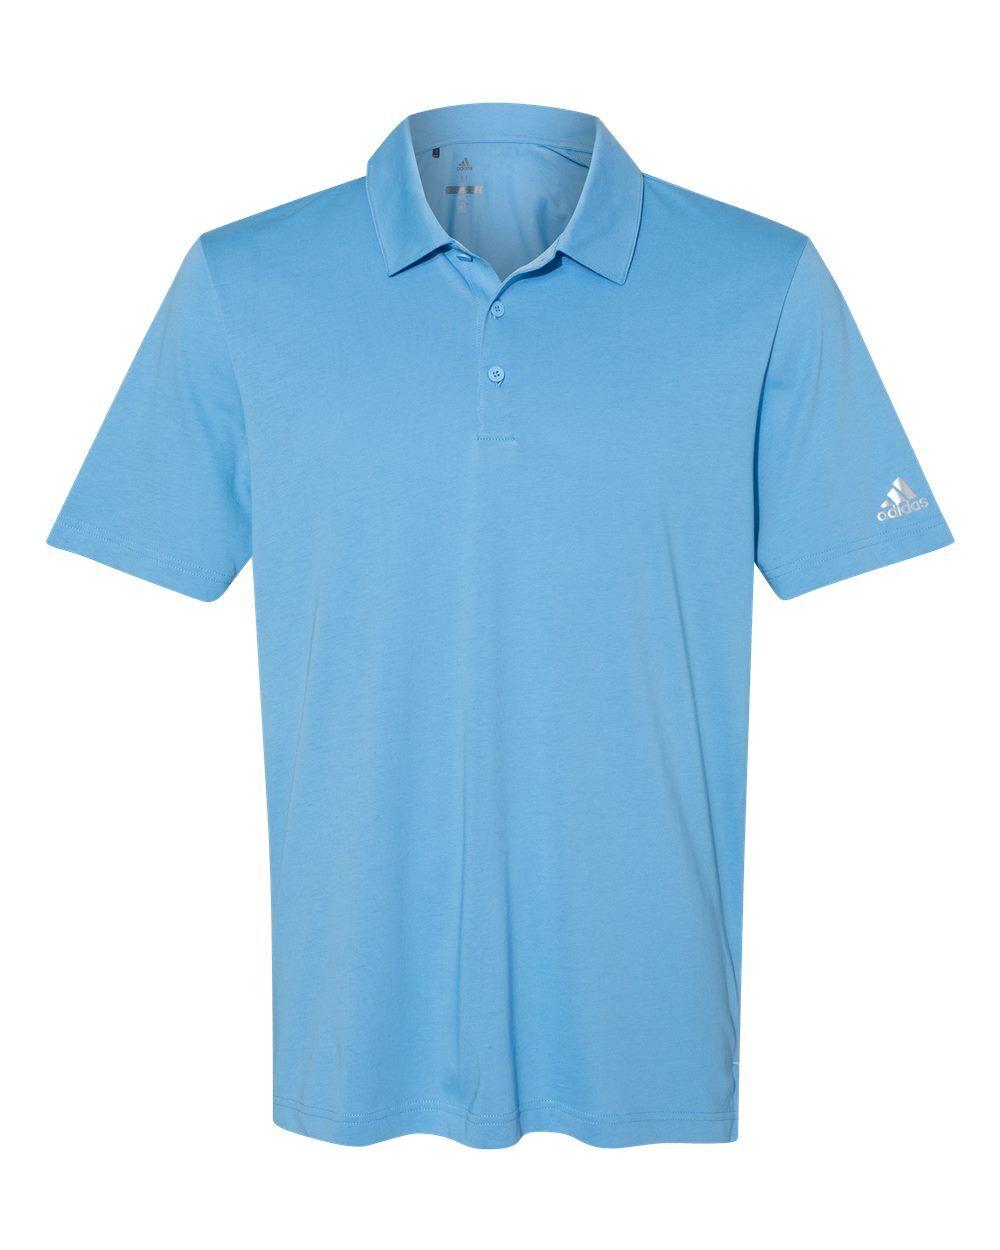 Adidas - Cotton Blend Sport Shirt - A322 - Light Blue - Small